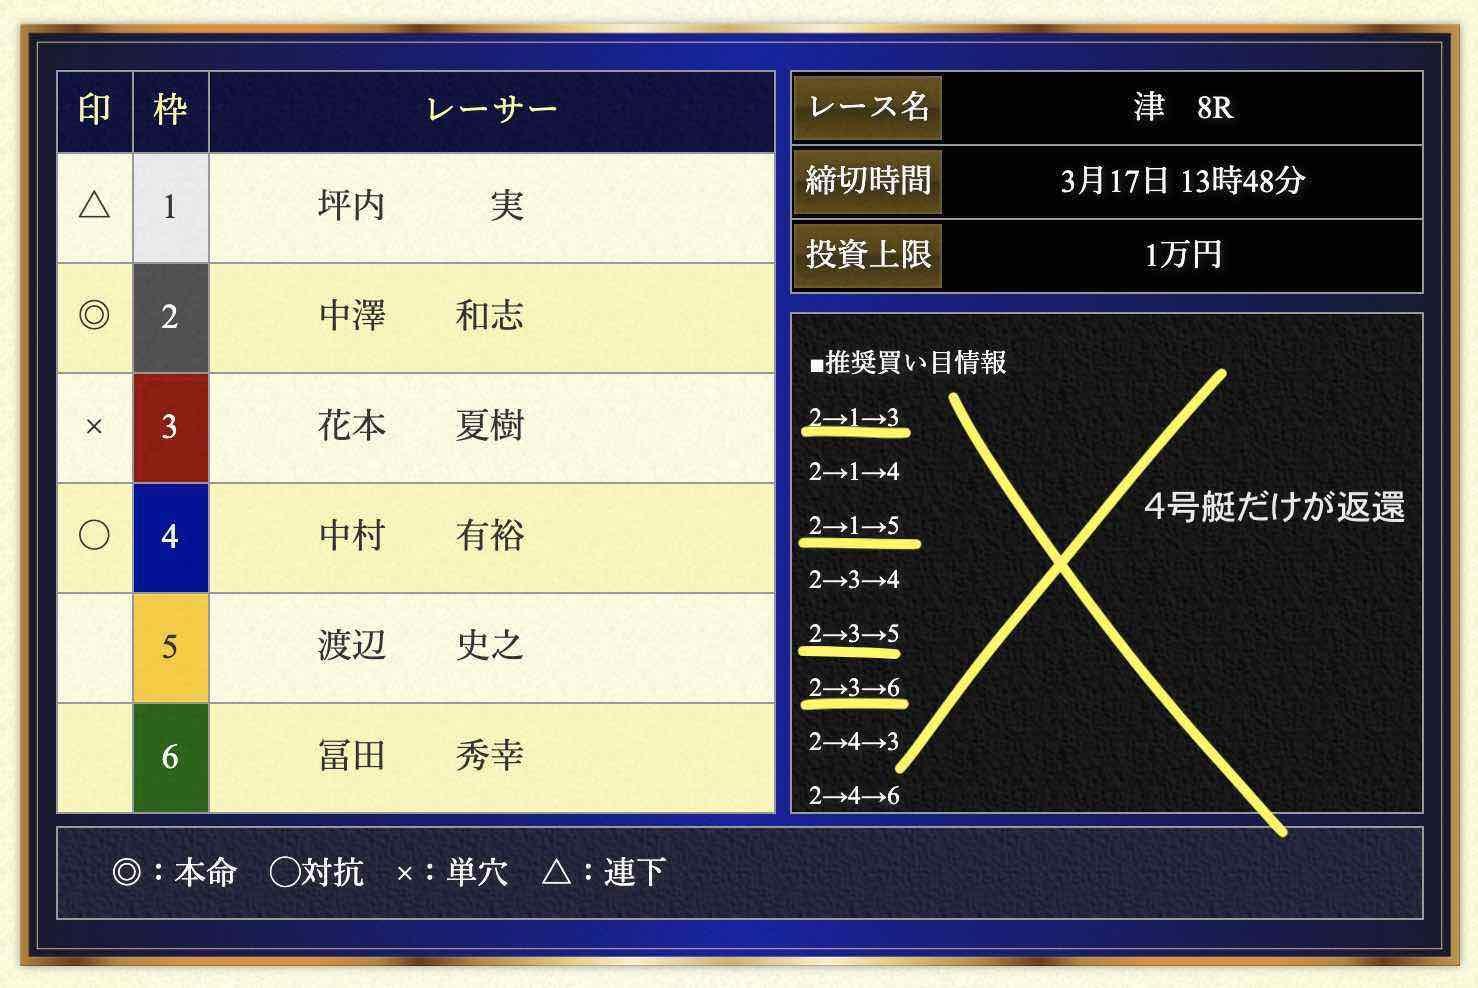 VMAX(ブイマックス)という競艇予想サイトの無料予想(無料情報)の抜き打ち検証